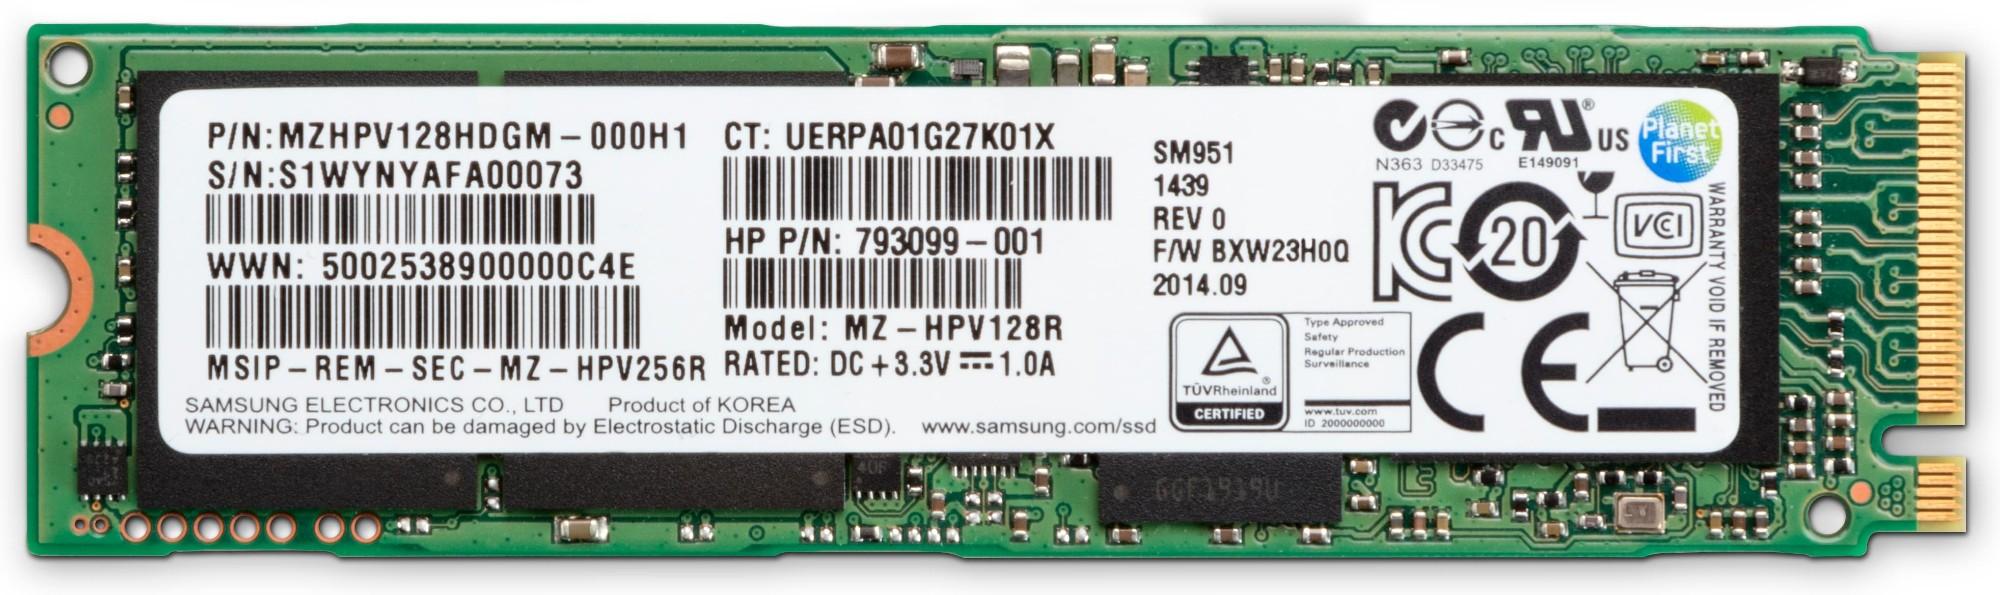 HP Z Turbo Drive Quad Pro 512GB SSD module